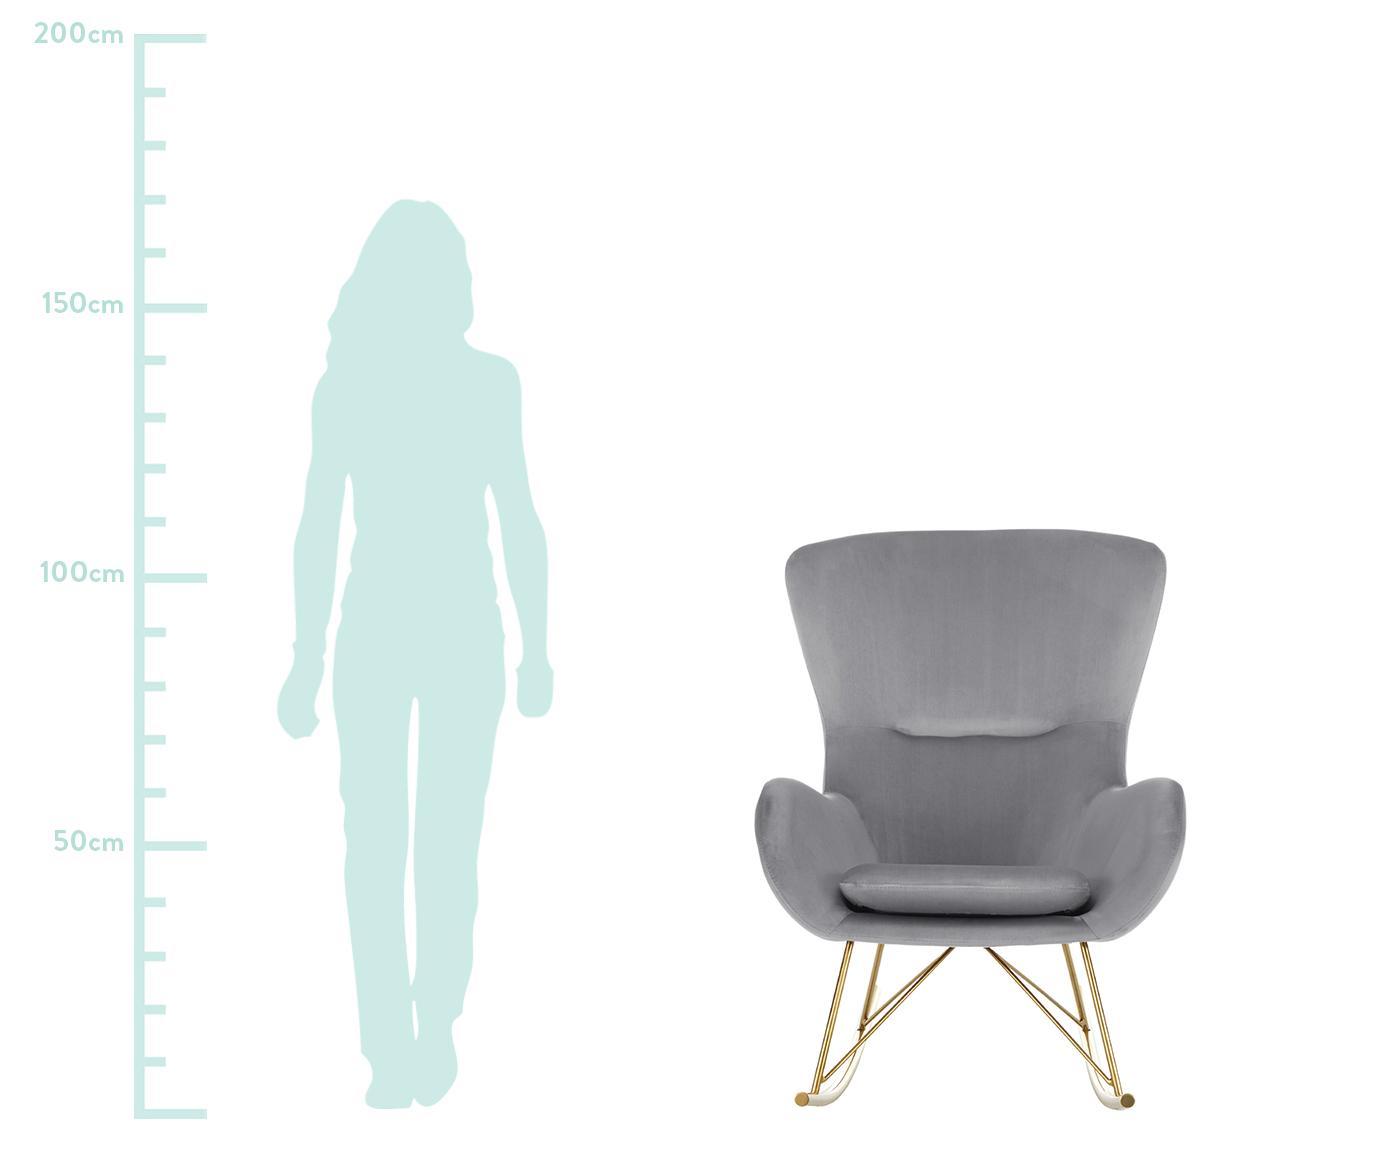 Fluwelen schommelstoel Wing, Bekleding: fluweel (polyester), Frame: gegalvaniseerd metaal, Grijs, B 77 x D 96 cm